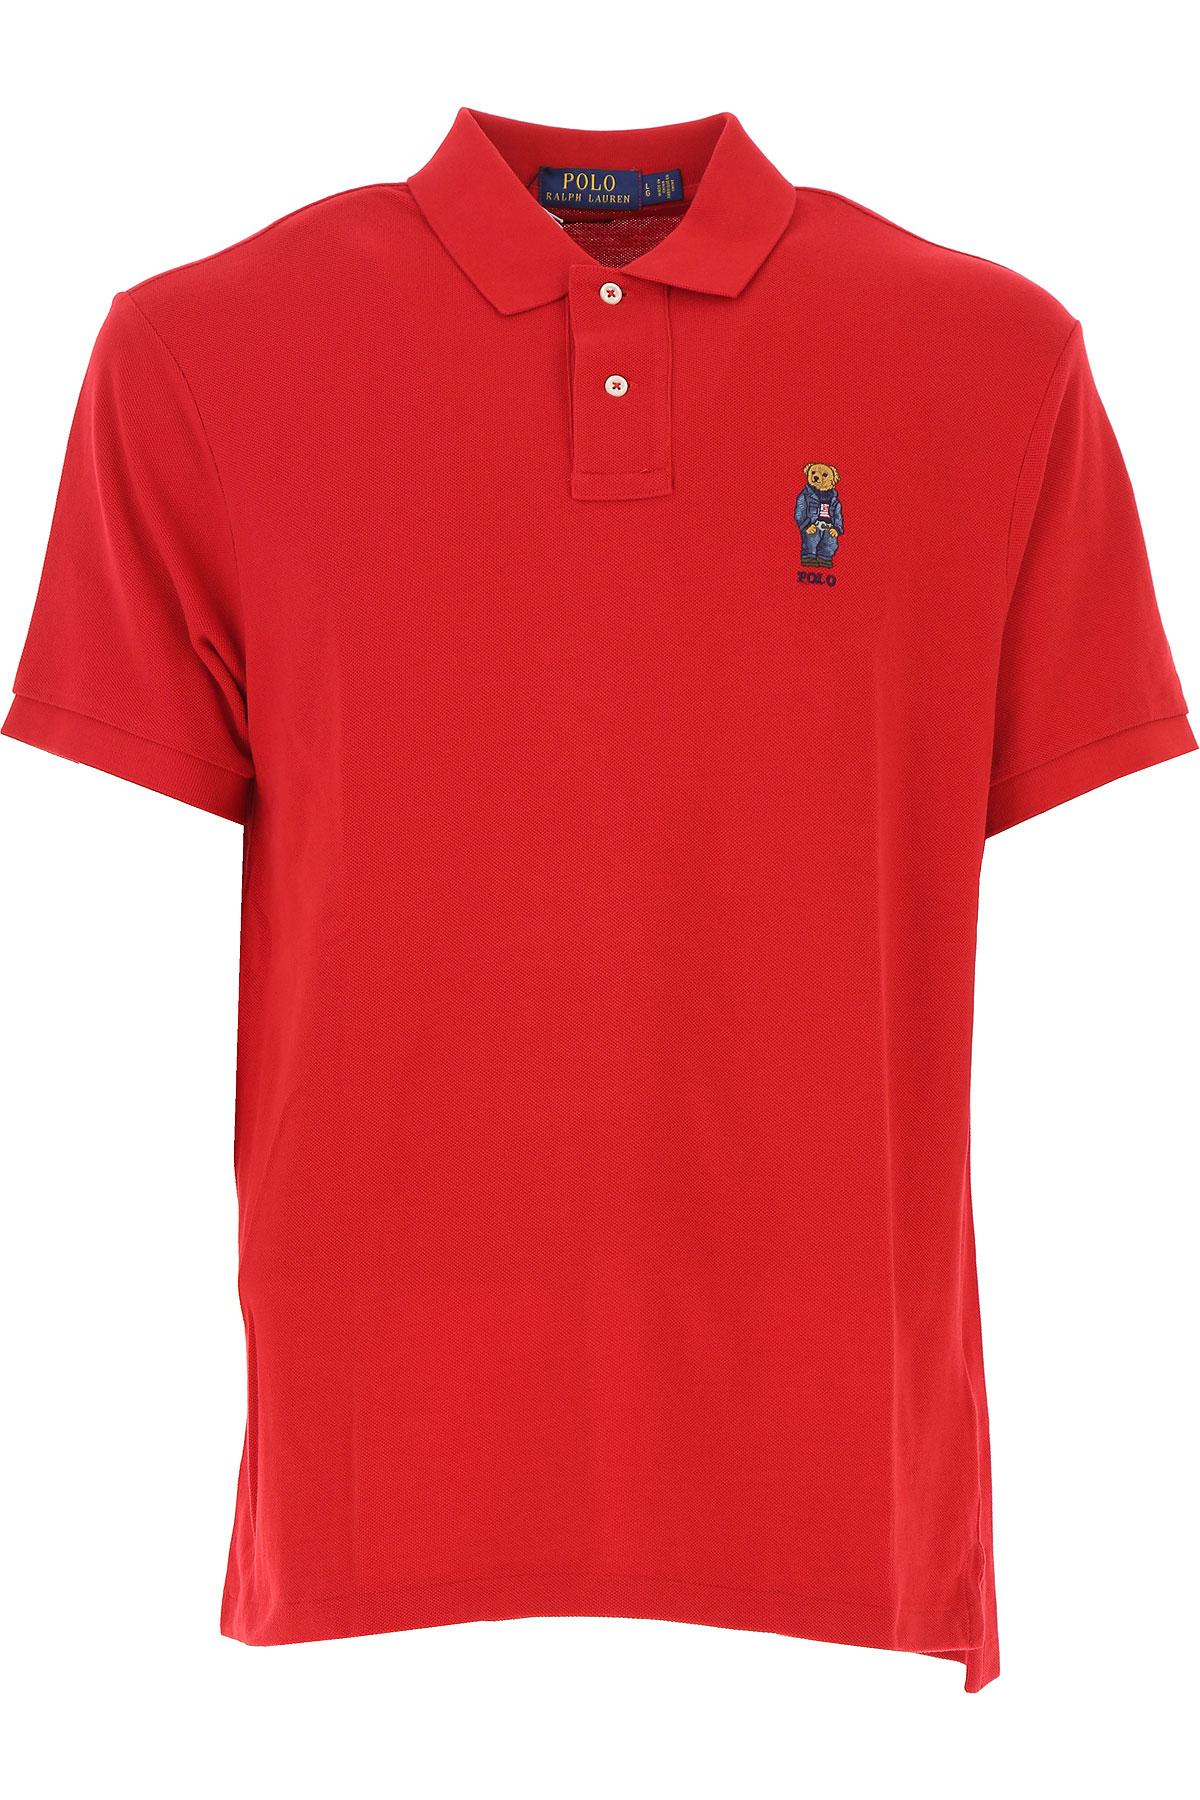 caf1d7bba7b5a9 ... discount ralph lauren polohemd für herren polo hemd polo shirt rot  82023 7c6b8